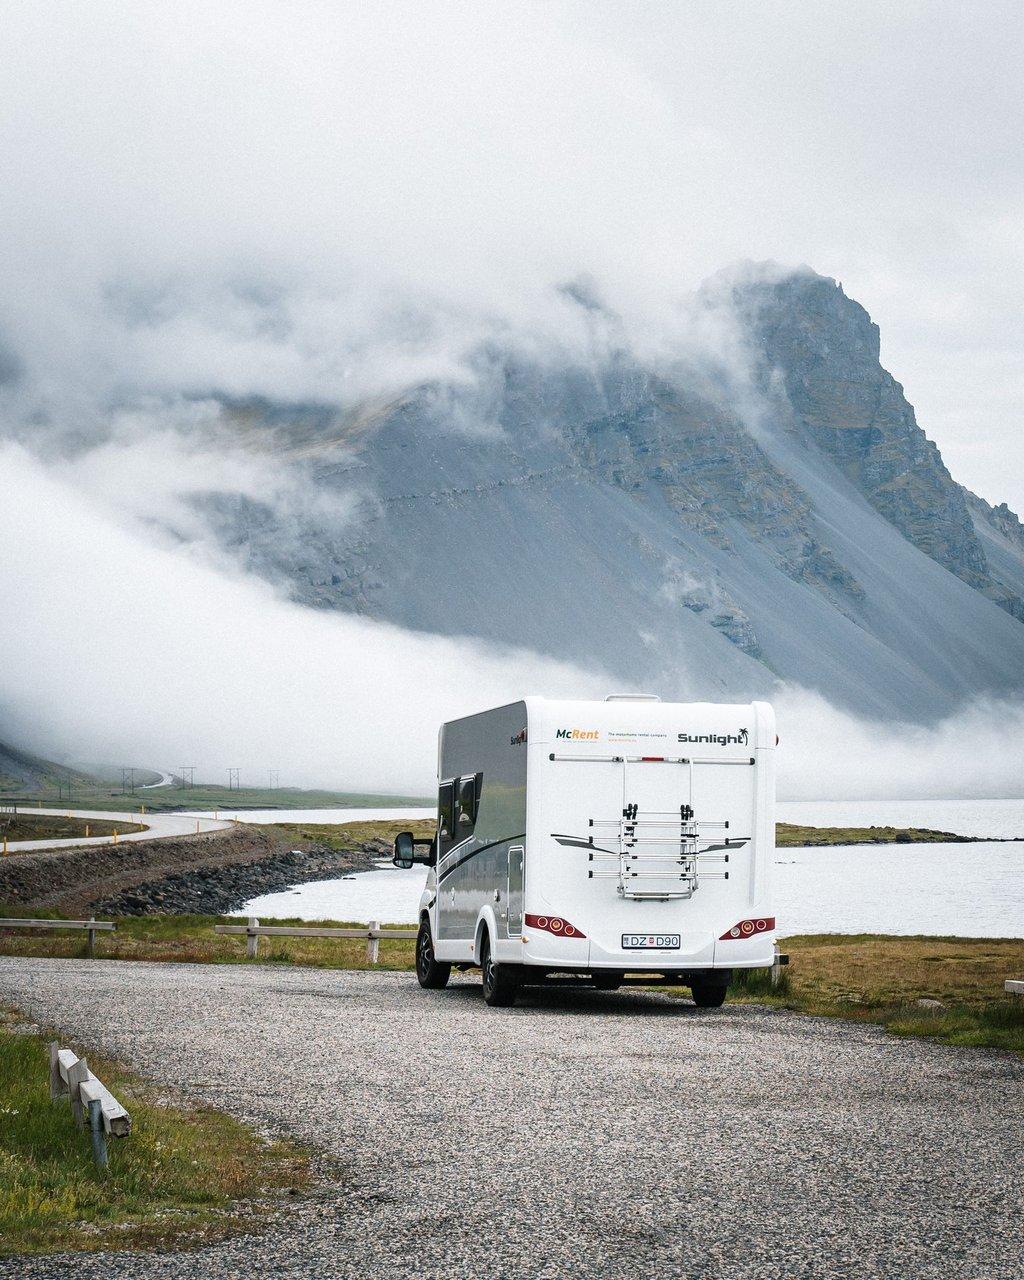 McRent vuokrattavan matkailuauton voi vuokrata myös ulkomailta.